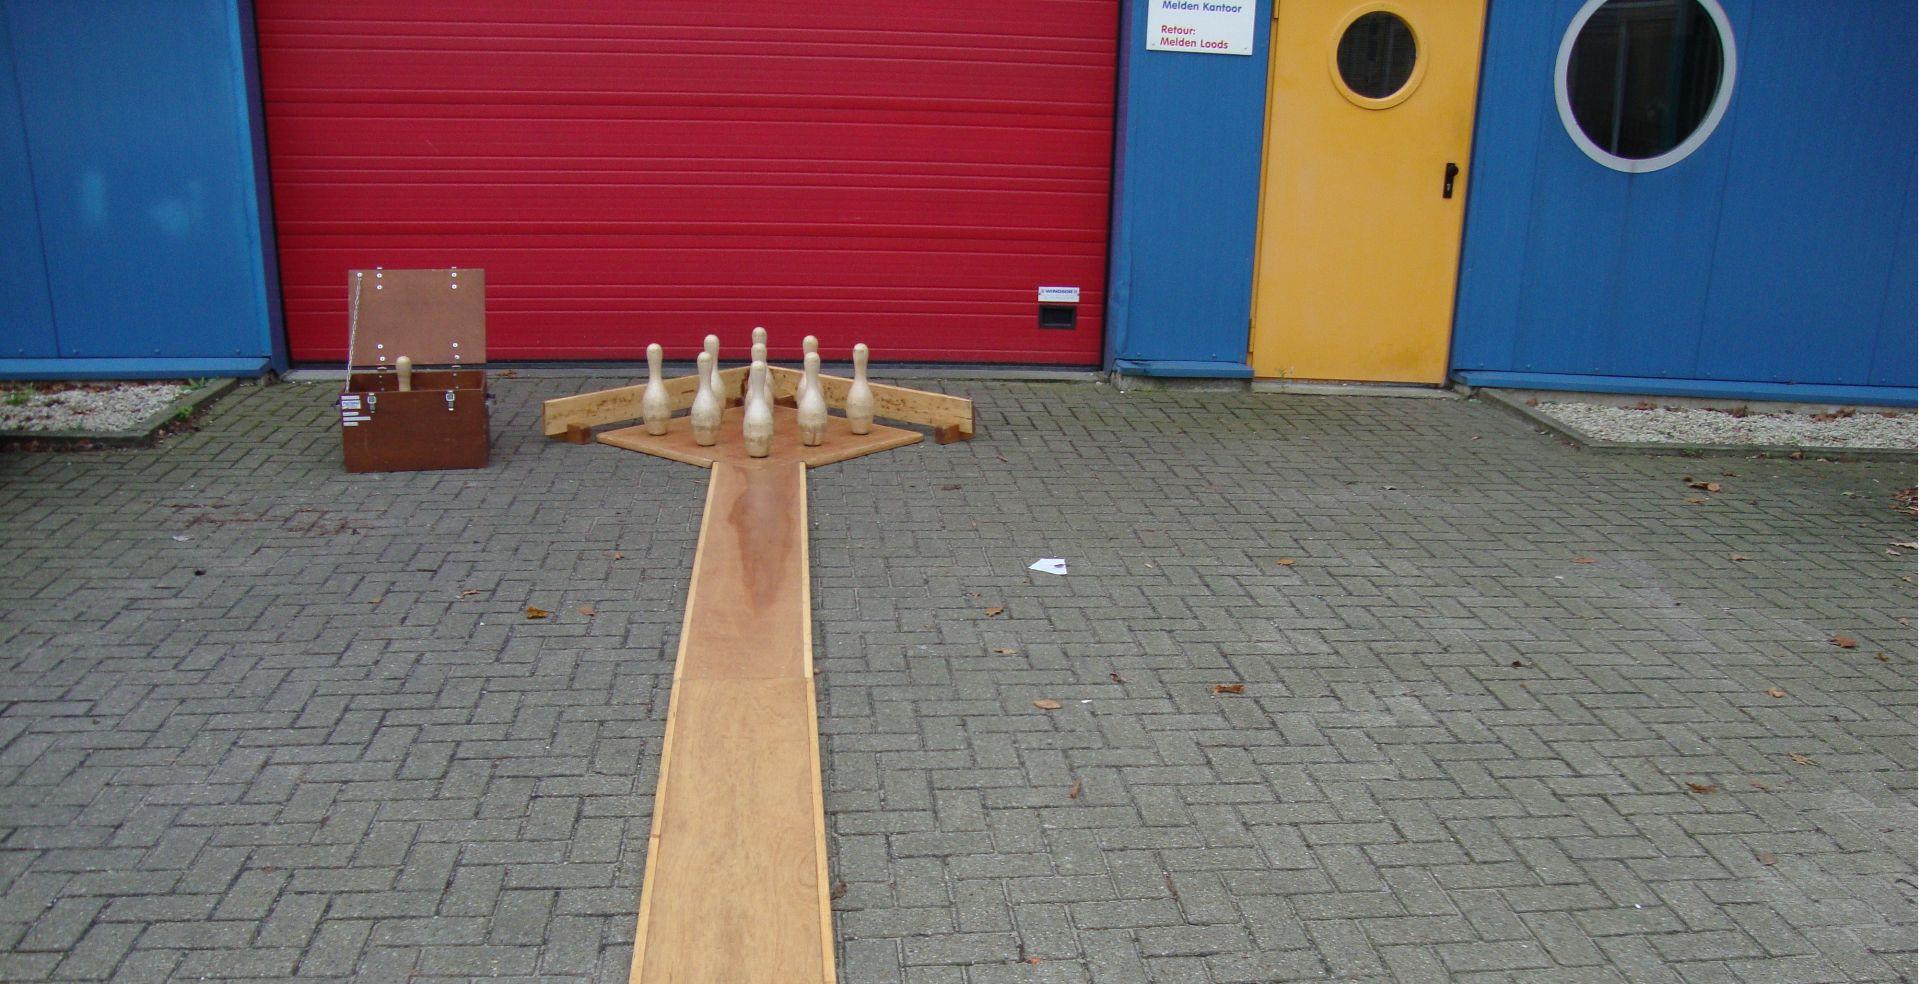 Kegelbaan 10 meter